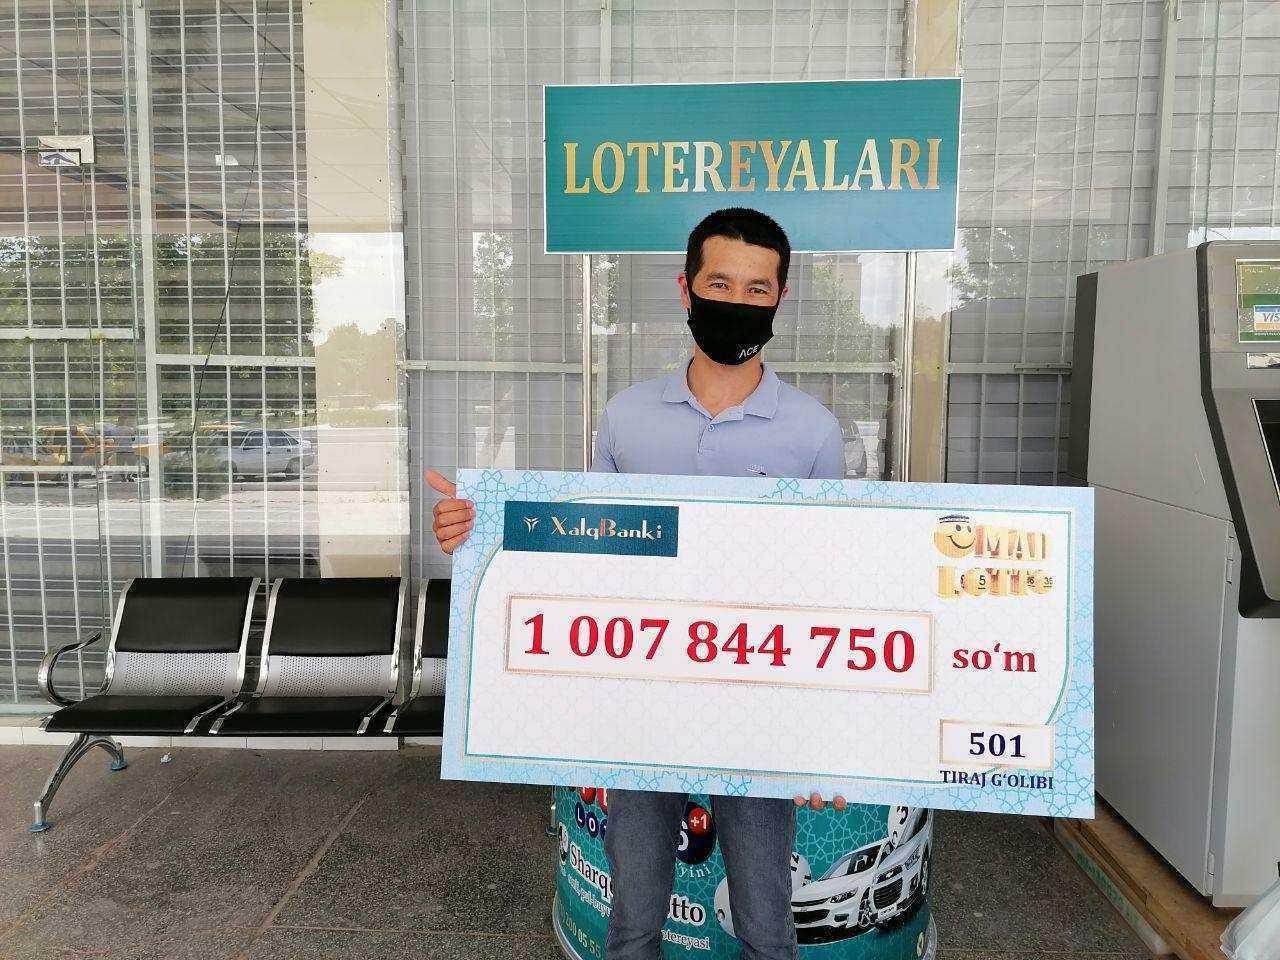 Лотереи в узбекистане: каталог компаний и организаций, их адреса, телефоны, контакты